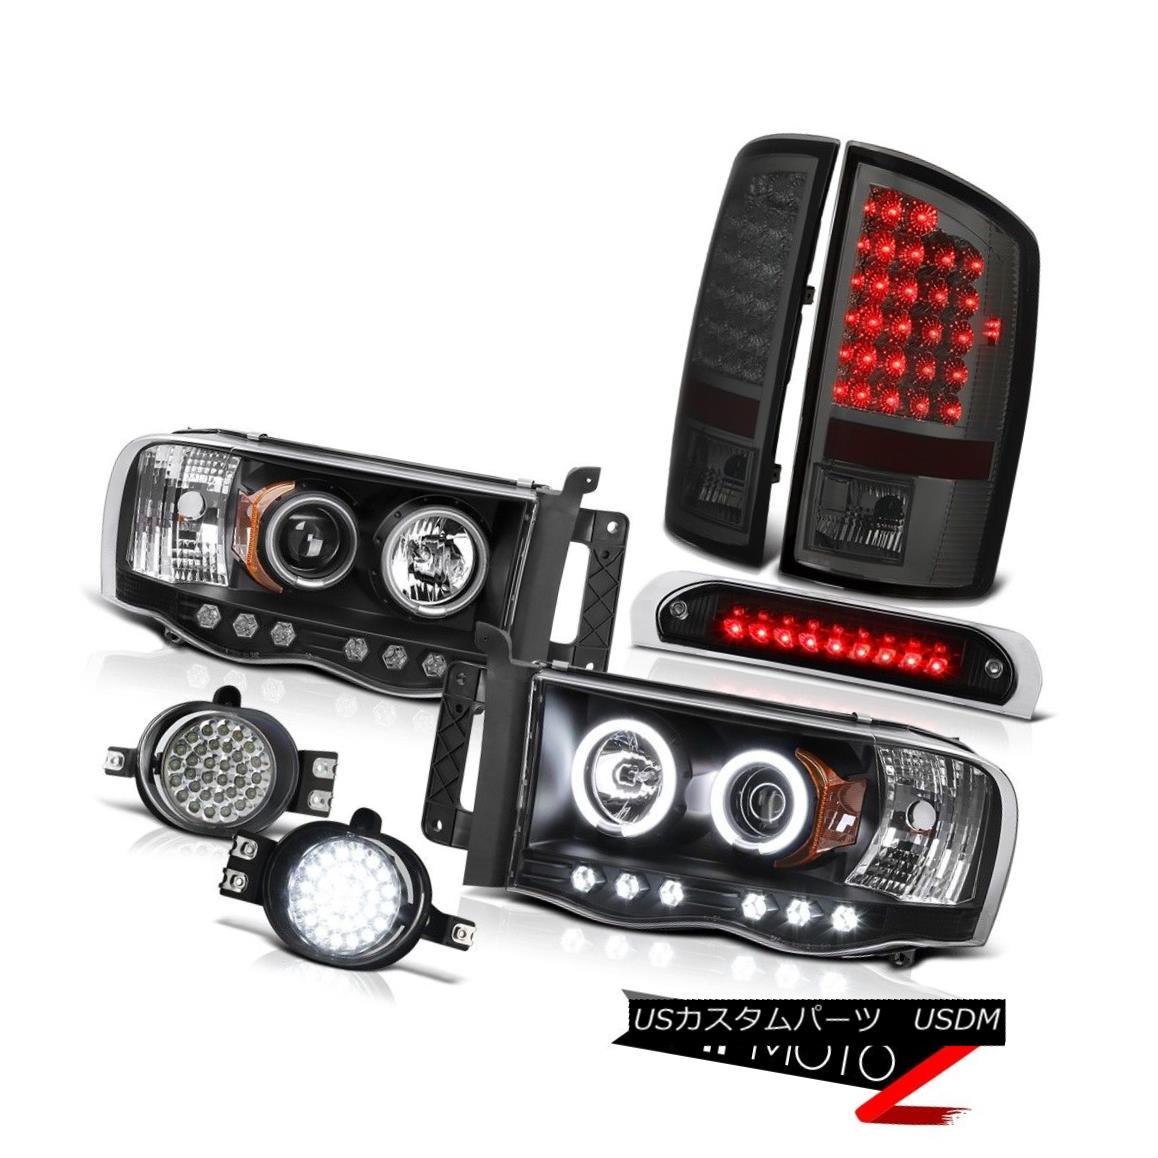 テールライト 2002-2005 Ram TurboDiesel CCFL Headlight Smoke L.E.D Taillamps SMD Fog LED Brake 2002-2005 Ram TurboDiesel CCFLヘッドライトスモークL.E.DタイルランプSMDフォグLEDブレーキ